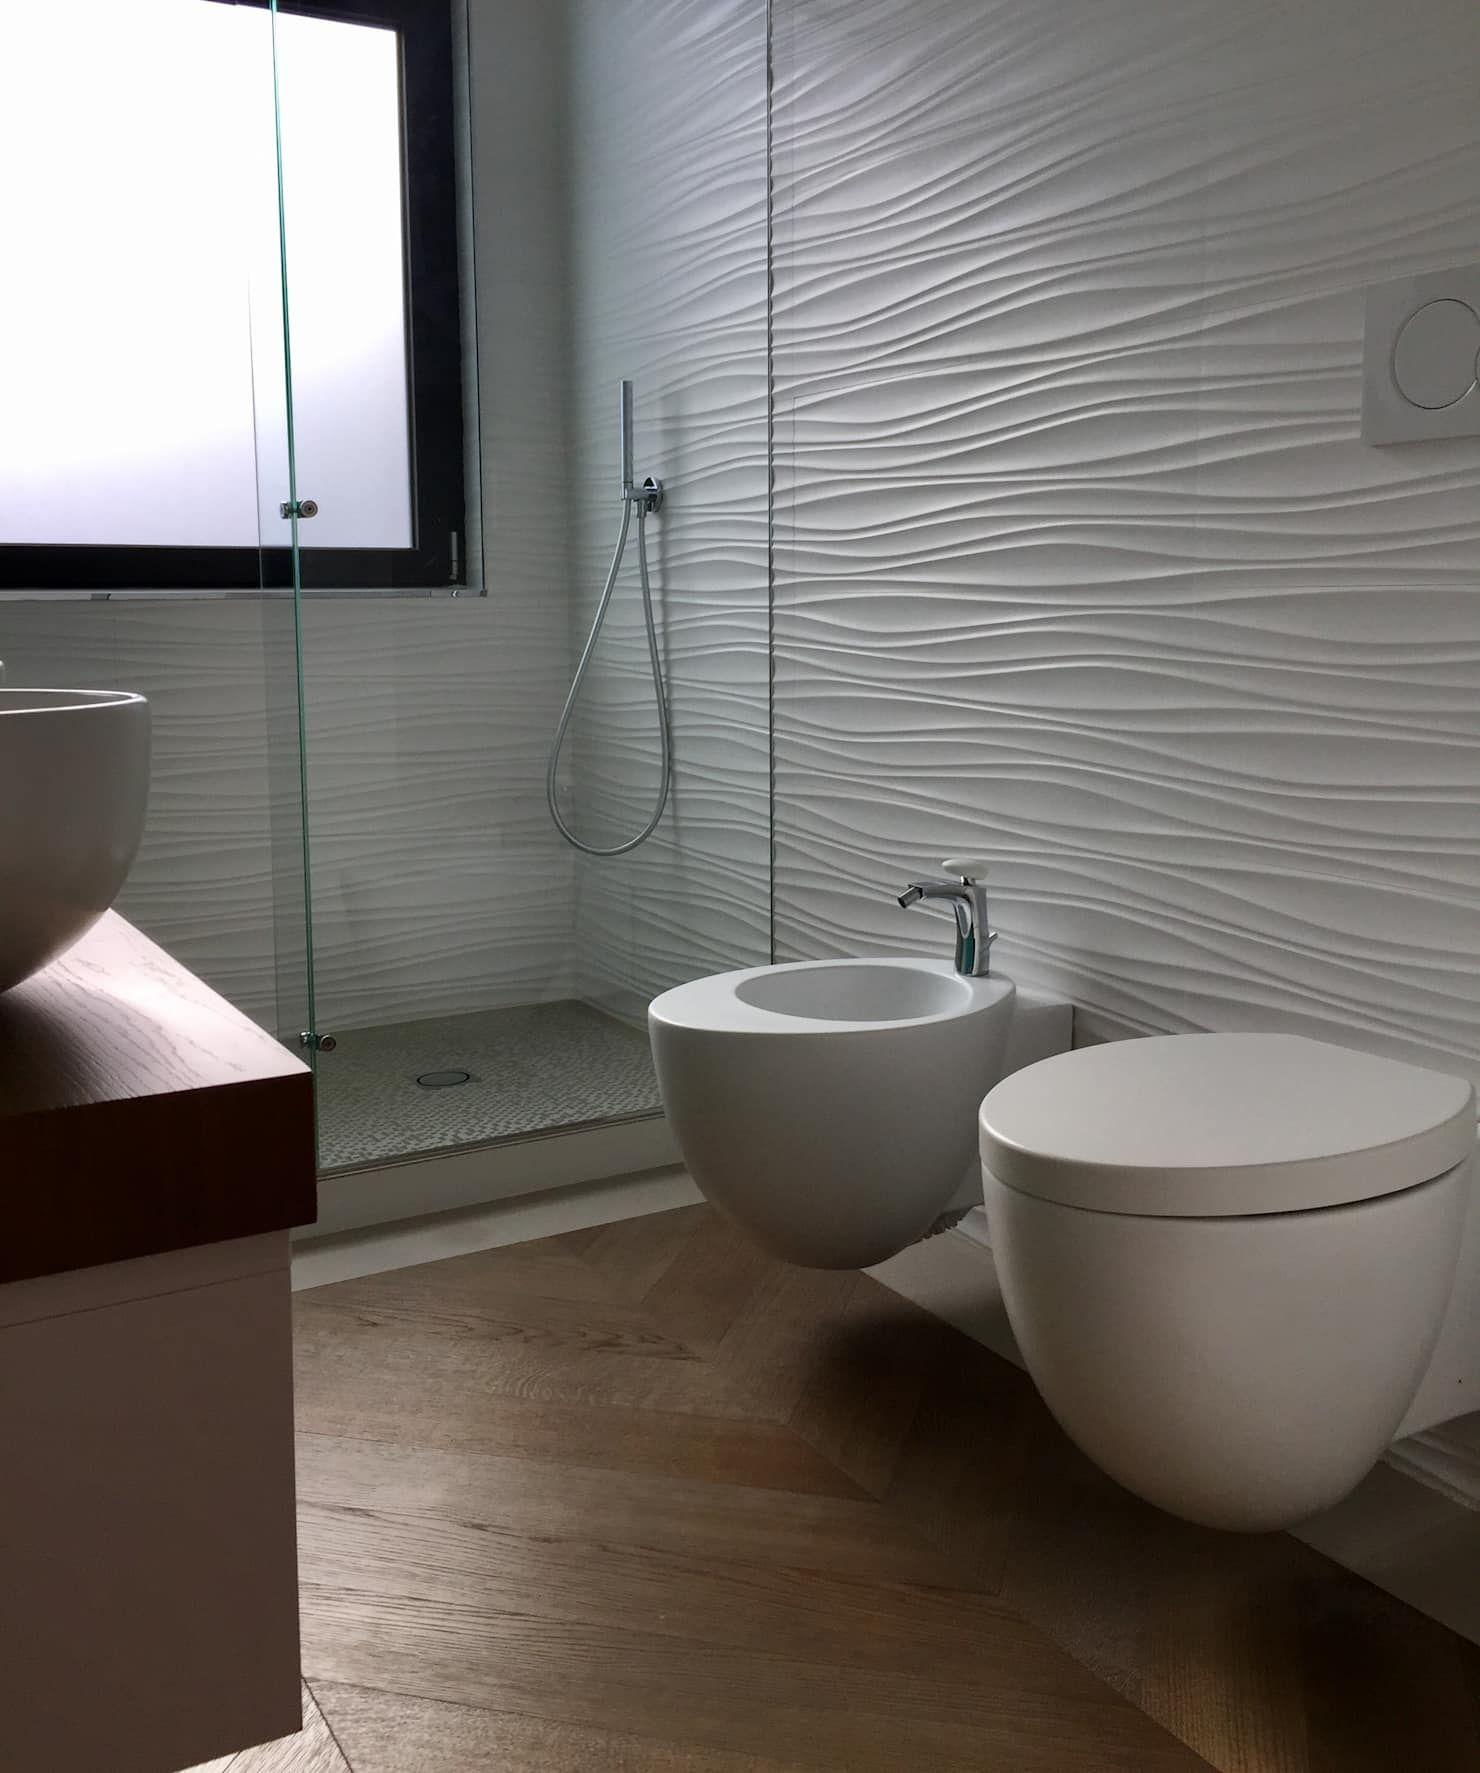 Lungotevere Bagno In Stile In Stile Moderno Di Massimiliano Favalli Arredamento Piccolo Bagno Arredamento Bagno Arredo Bagno Moderno